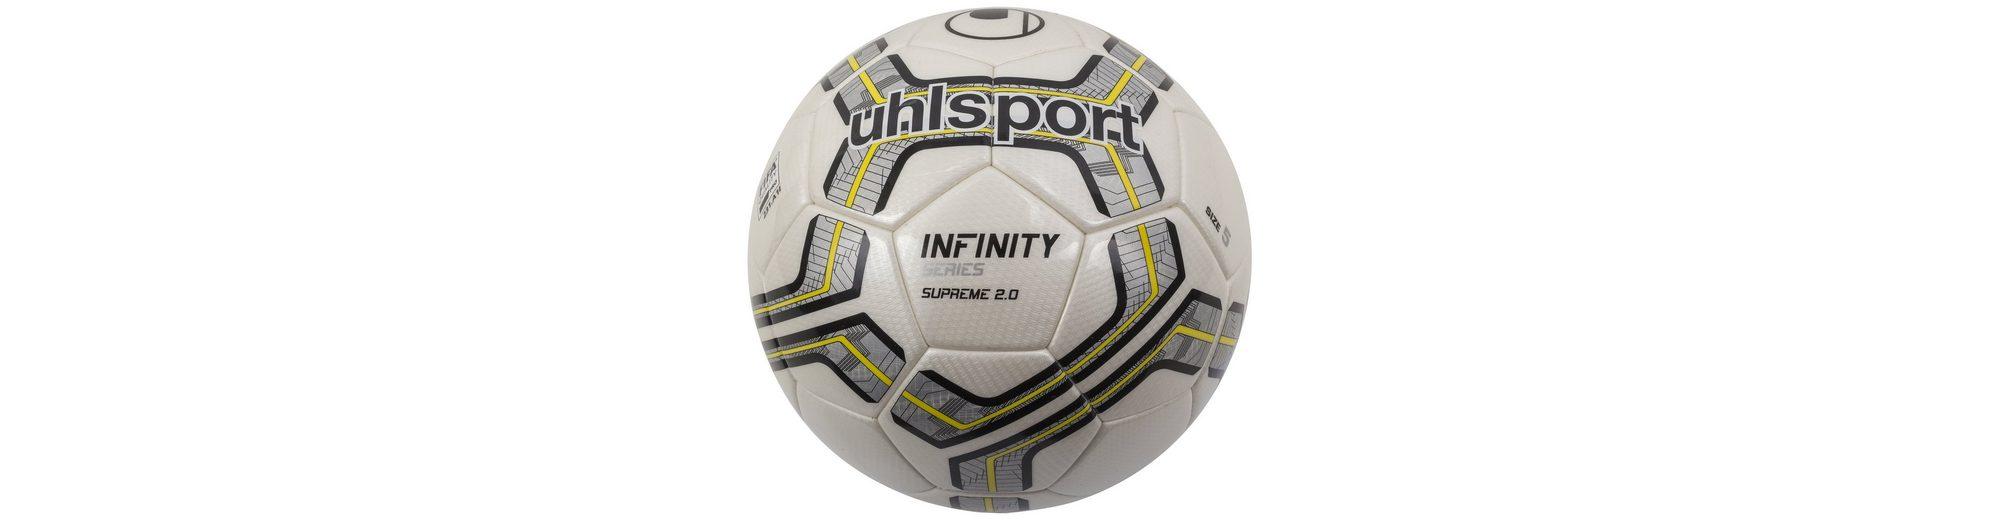 UHLSPORT Infinity Supreme 2.0 Fußball